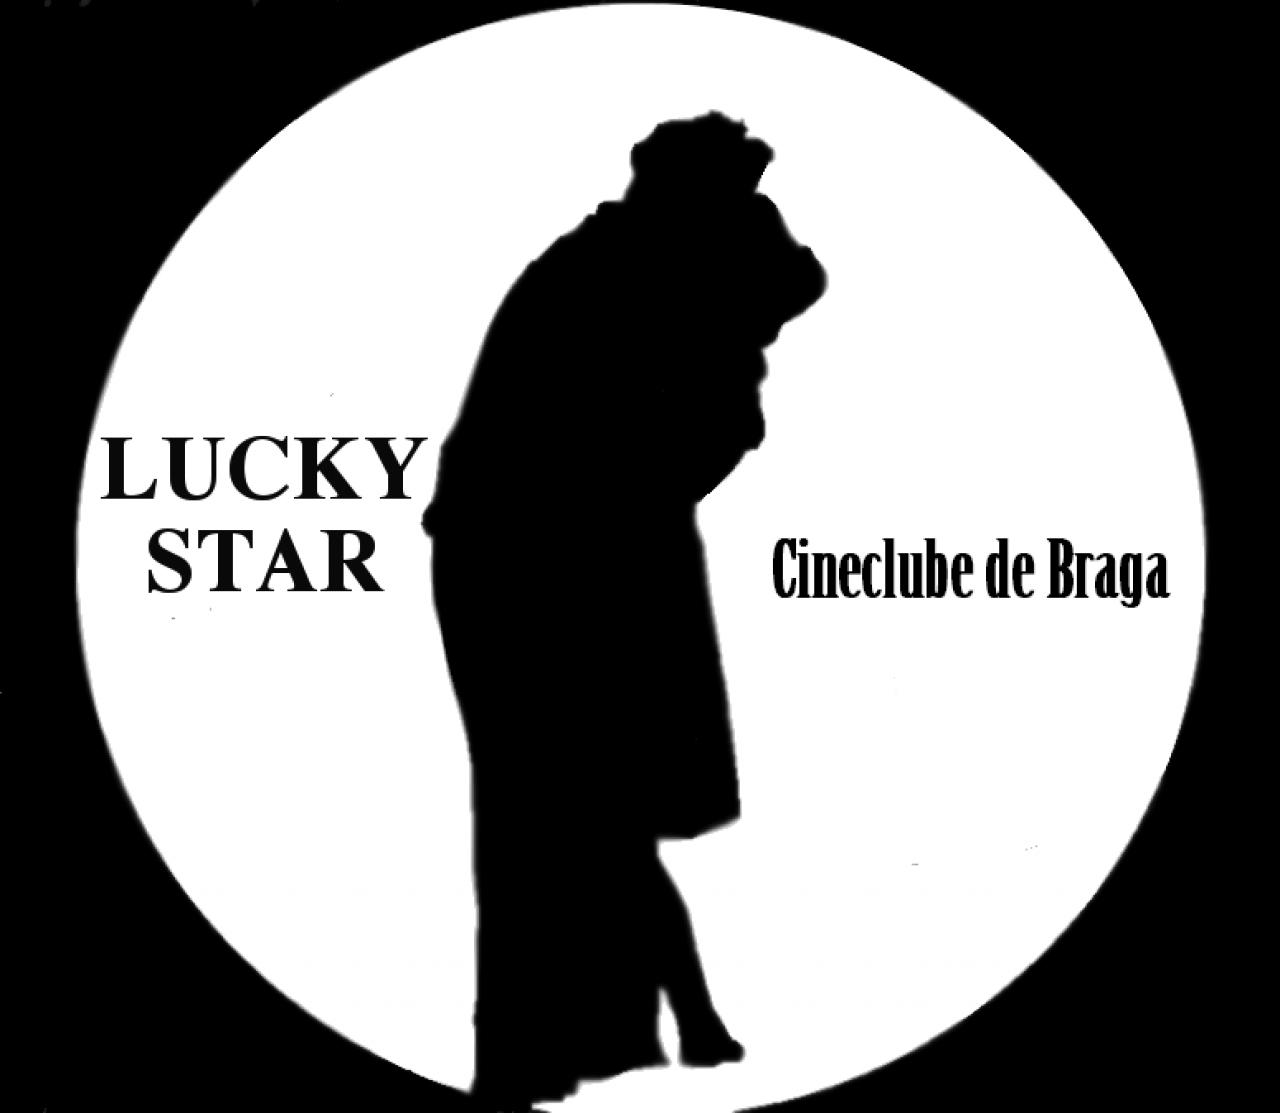 logo for Lucky Star